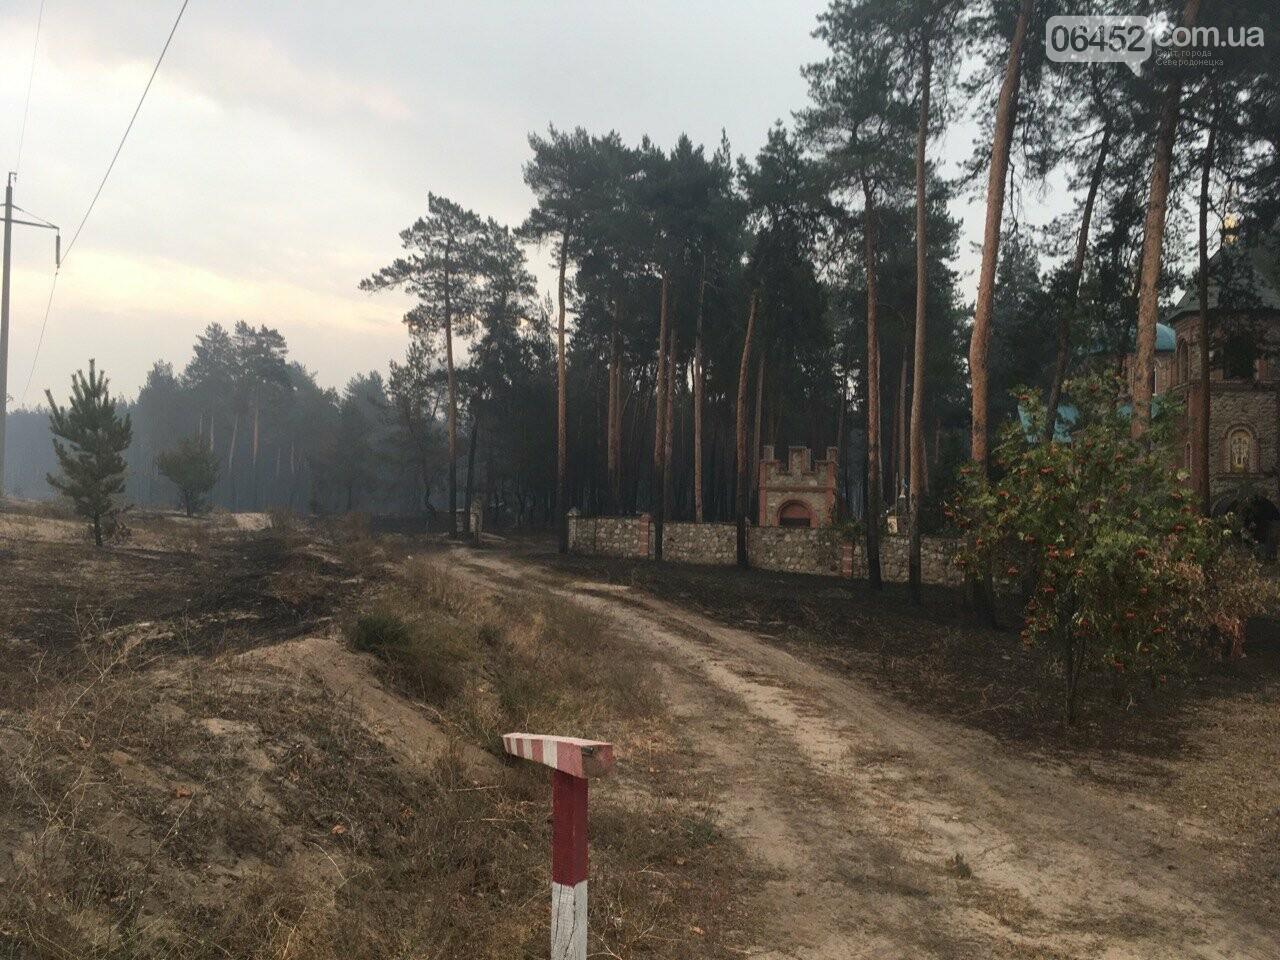 К тушению пожаров под Северодонецком подключена авиация (фото, видео), фото-2